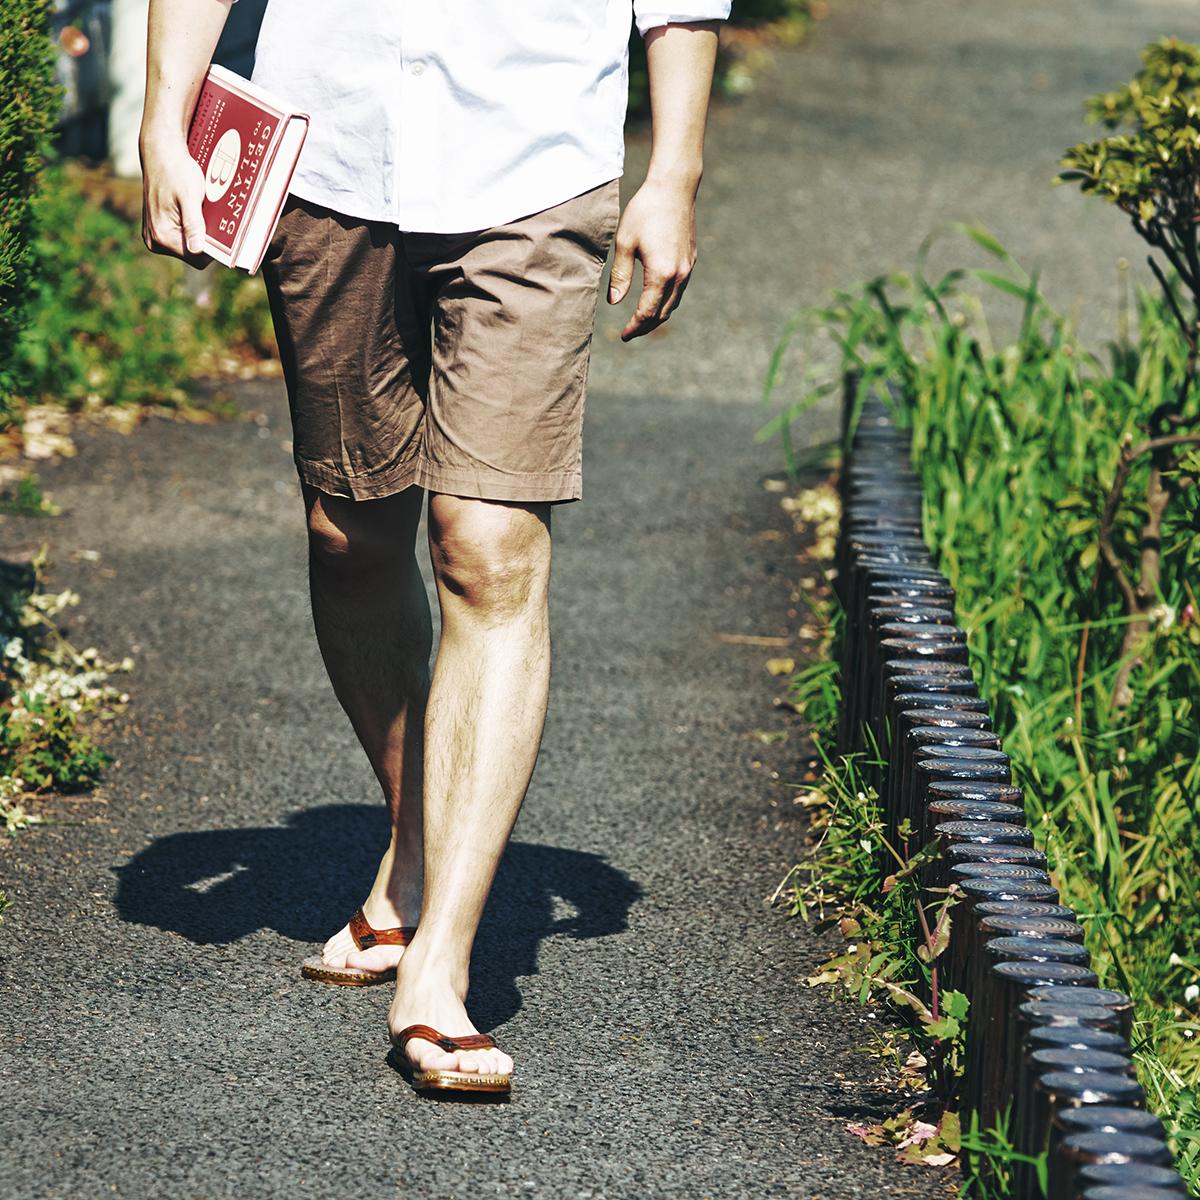 クッション効果もあるので、足が着地する時の衝撃を和らげてくれます。半球状の突起が、心地よく足裏マッサージしてくれる「健康サンダル」|SENSI